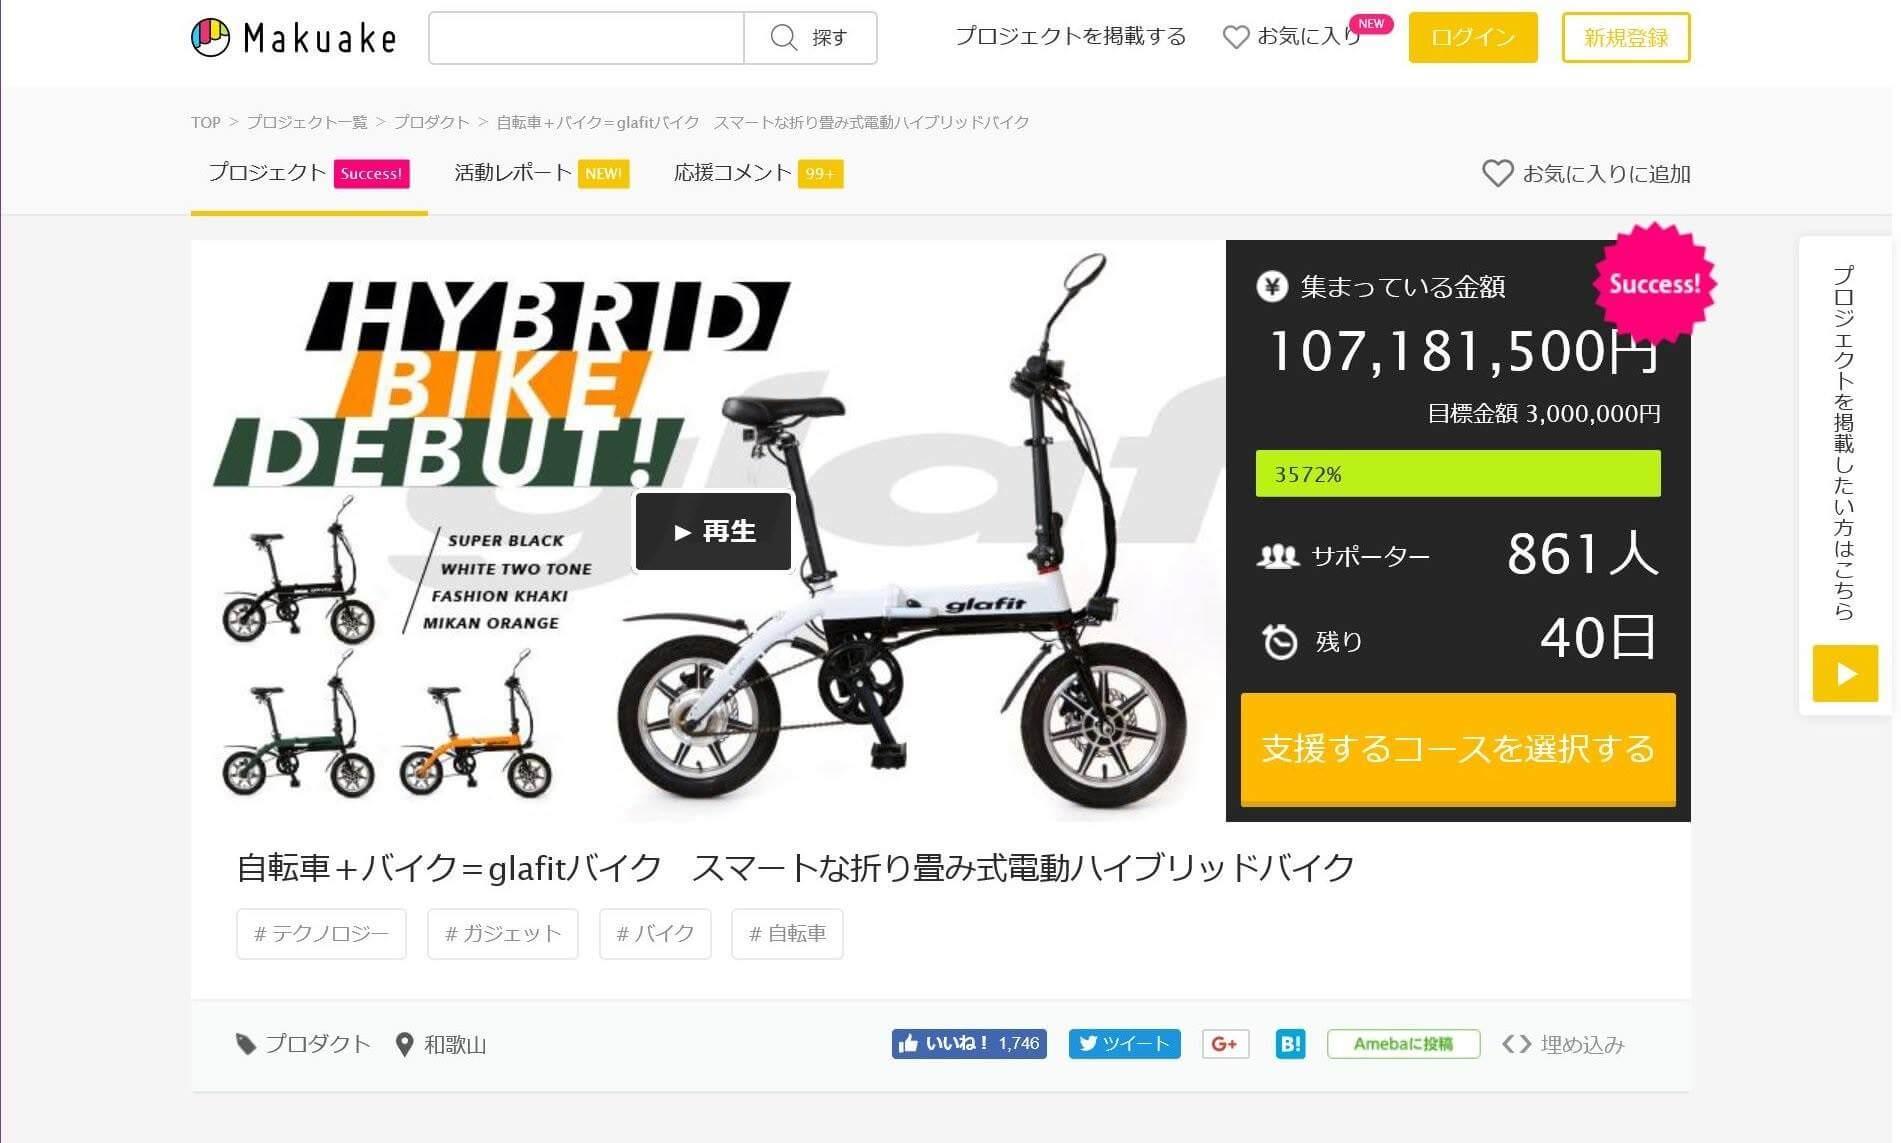 ★ハイブリッドバイク glafit®が1億718万円の資金調達に成功